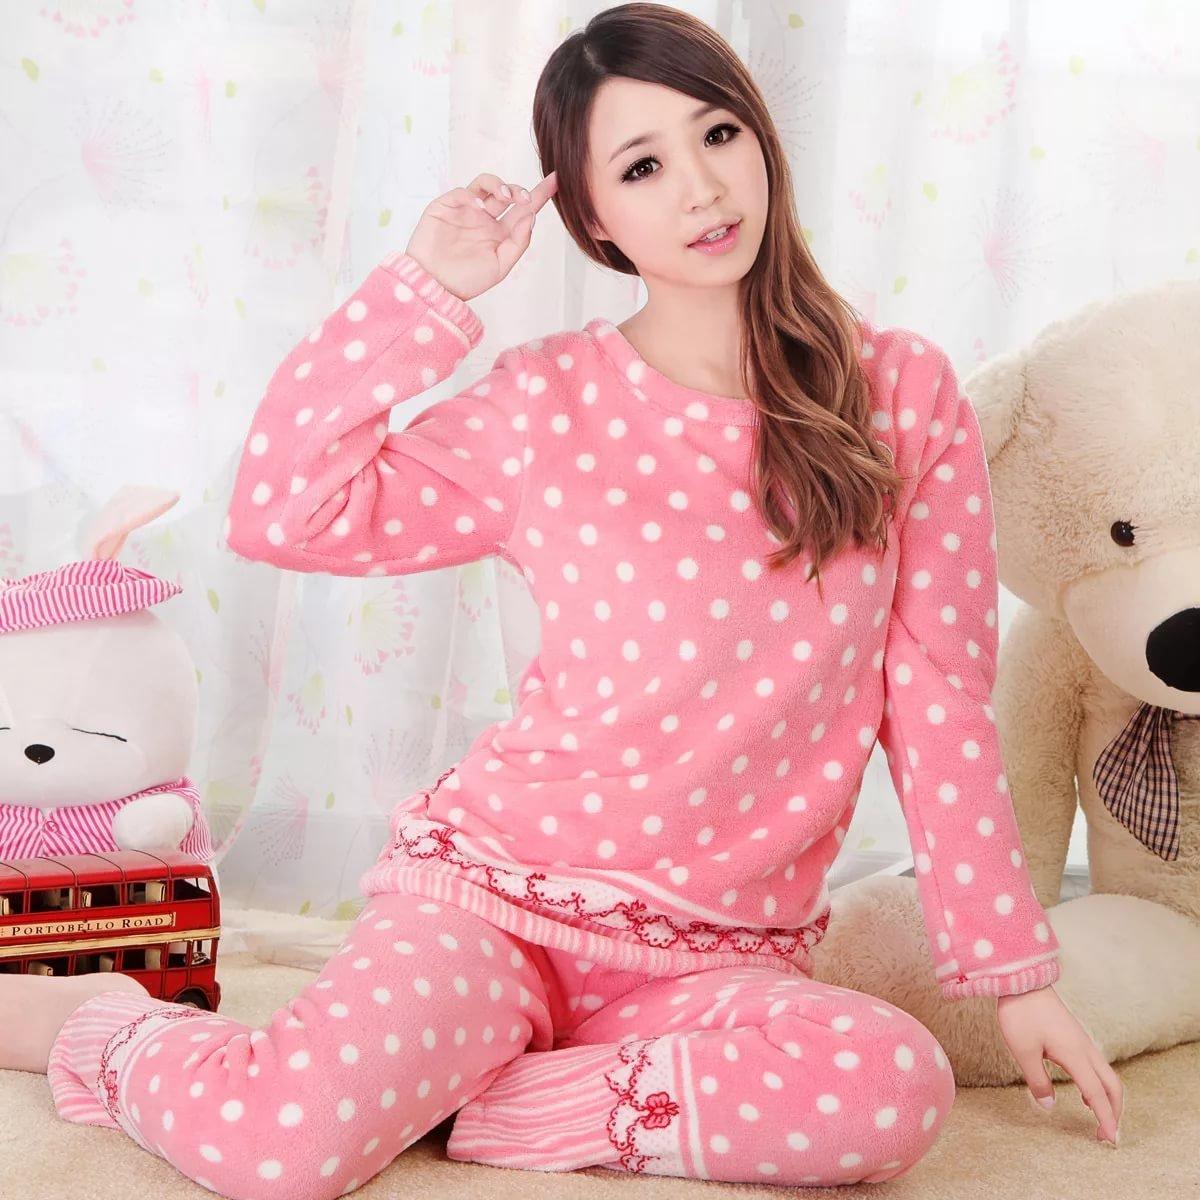 Пижамы красивые картинки